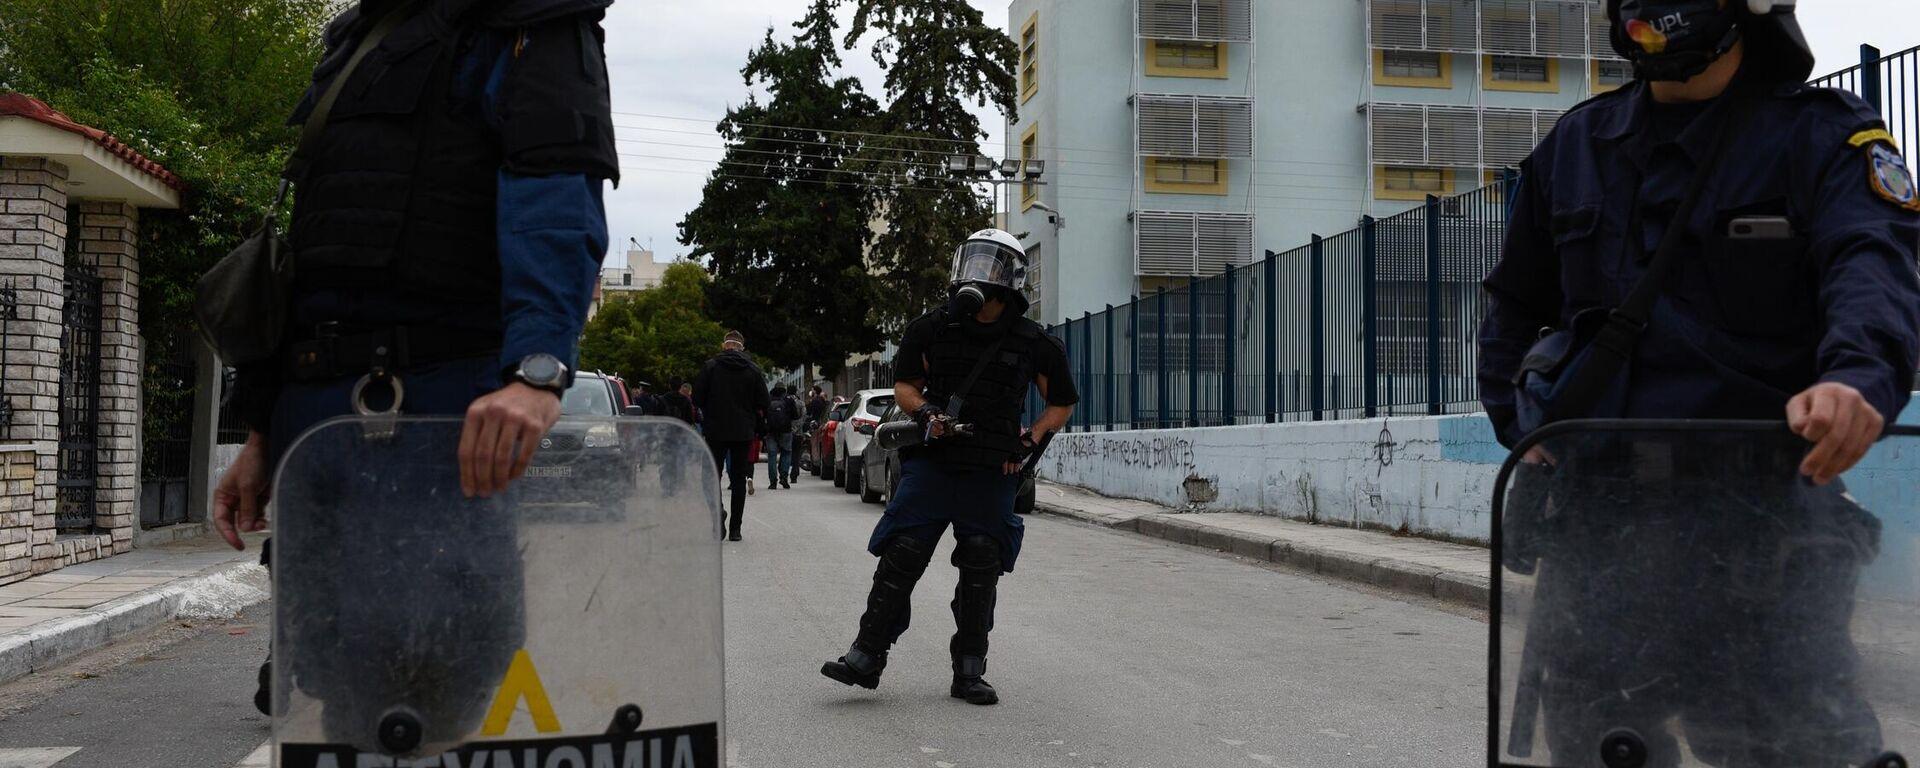 Συγκέντρωση διαμαρτυρίας εξω απο το 1ο και 2ο ΕΠΑΛ Σταυρούπολης  από φοιτητικές οργανώσεις και συλλογικότητες με αφορμή τα επεισόδια των προηγούμενων ημερών, Θεσσαλονίκη 30 Σεπτεμβρίου 2021. - Sputnik Ελλάδα, 1920, 02.10.2021